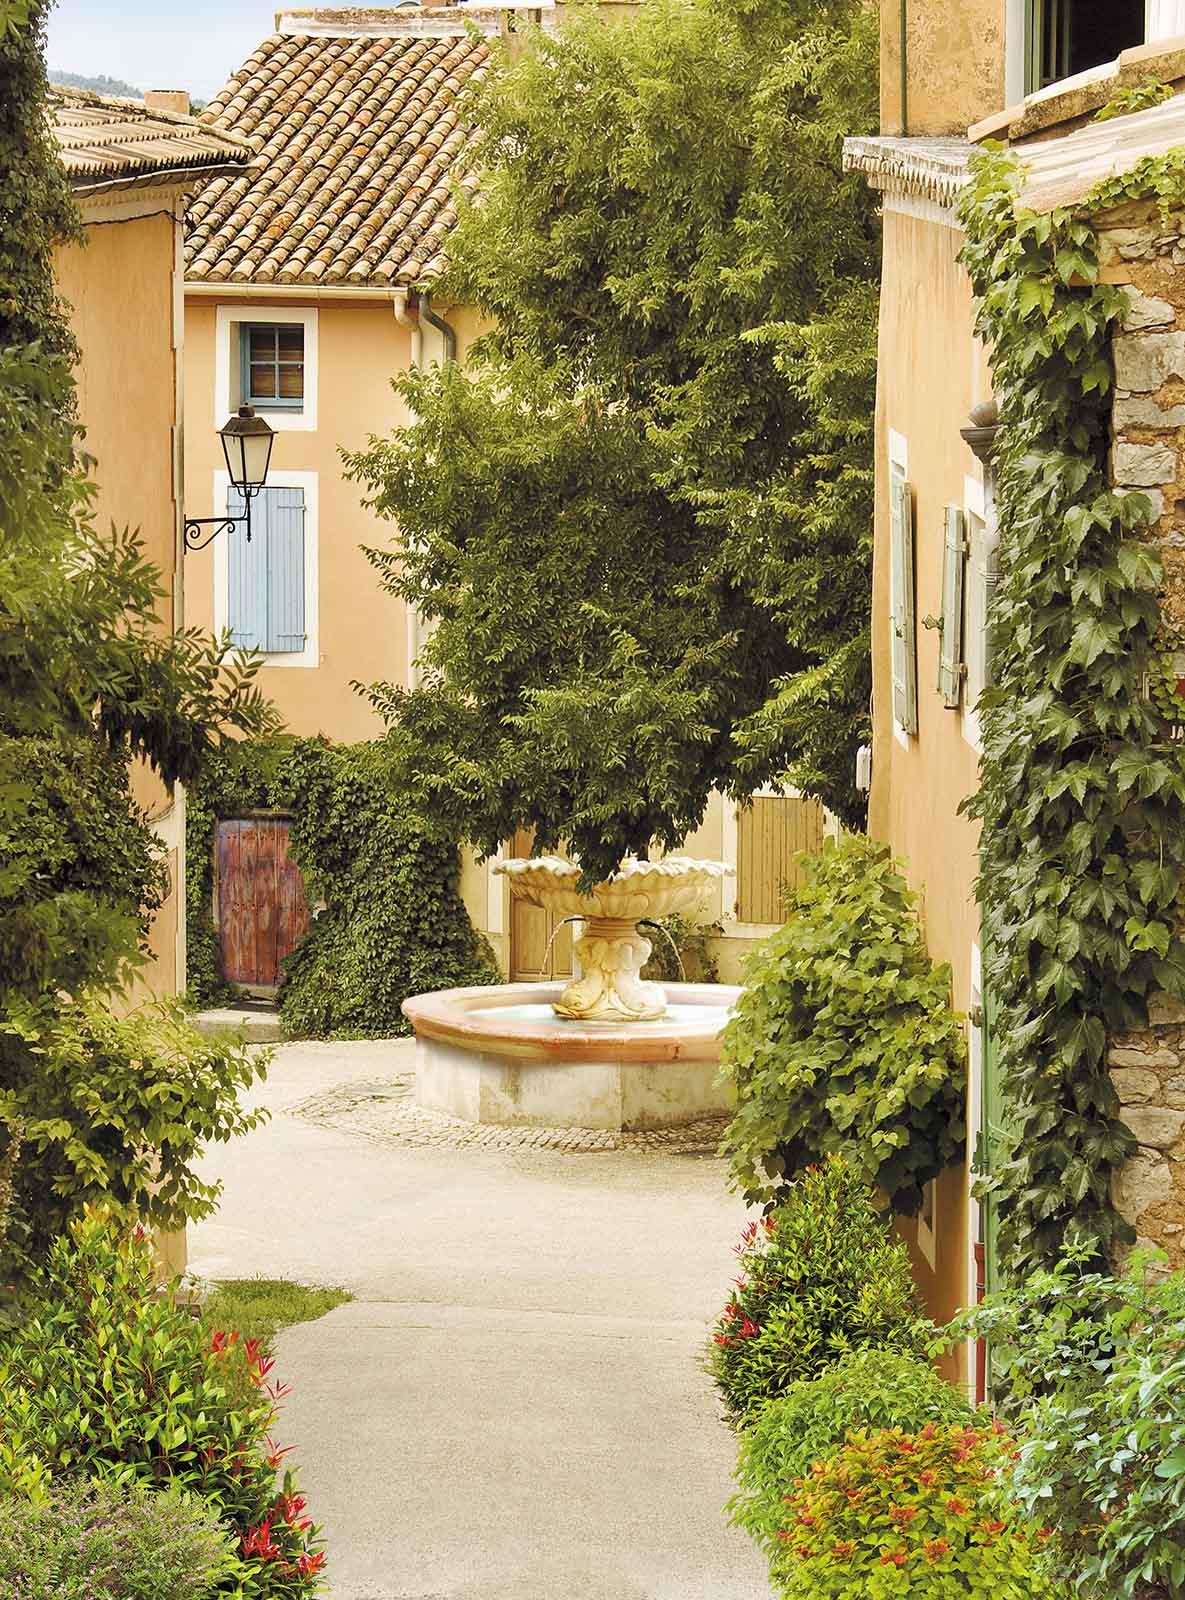 под ригель, красивые фото итальянских двориков пару десятков лет